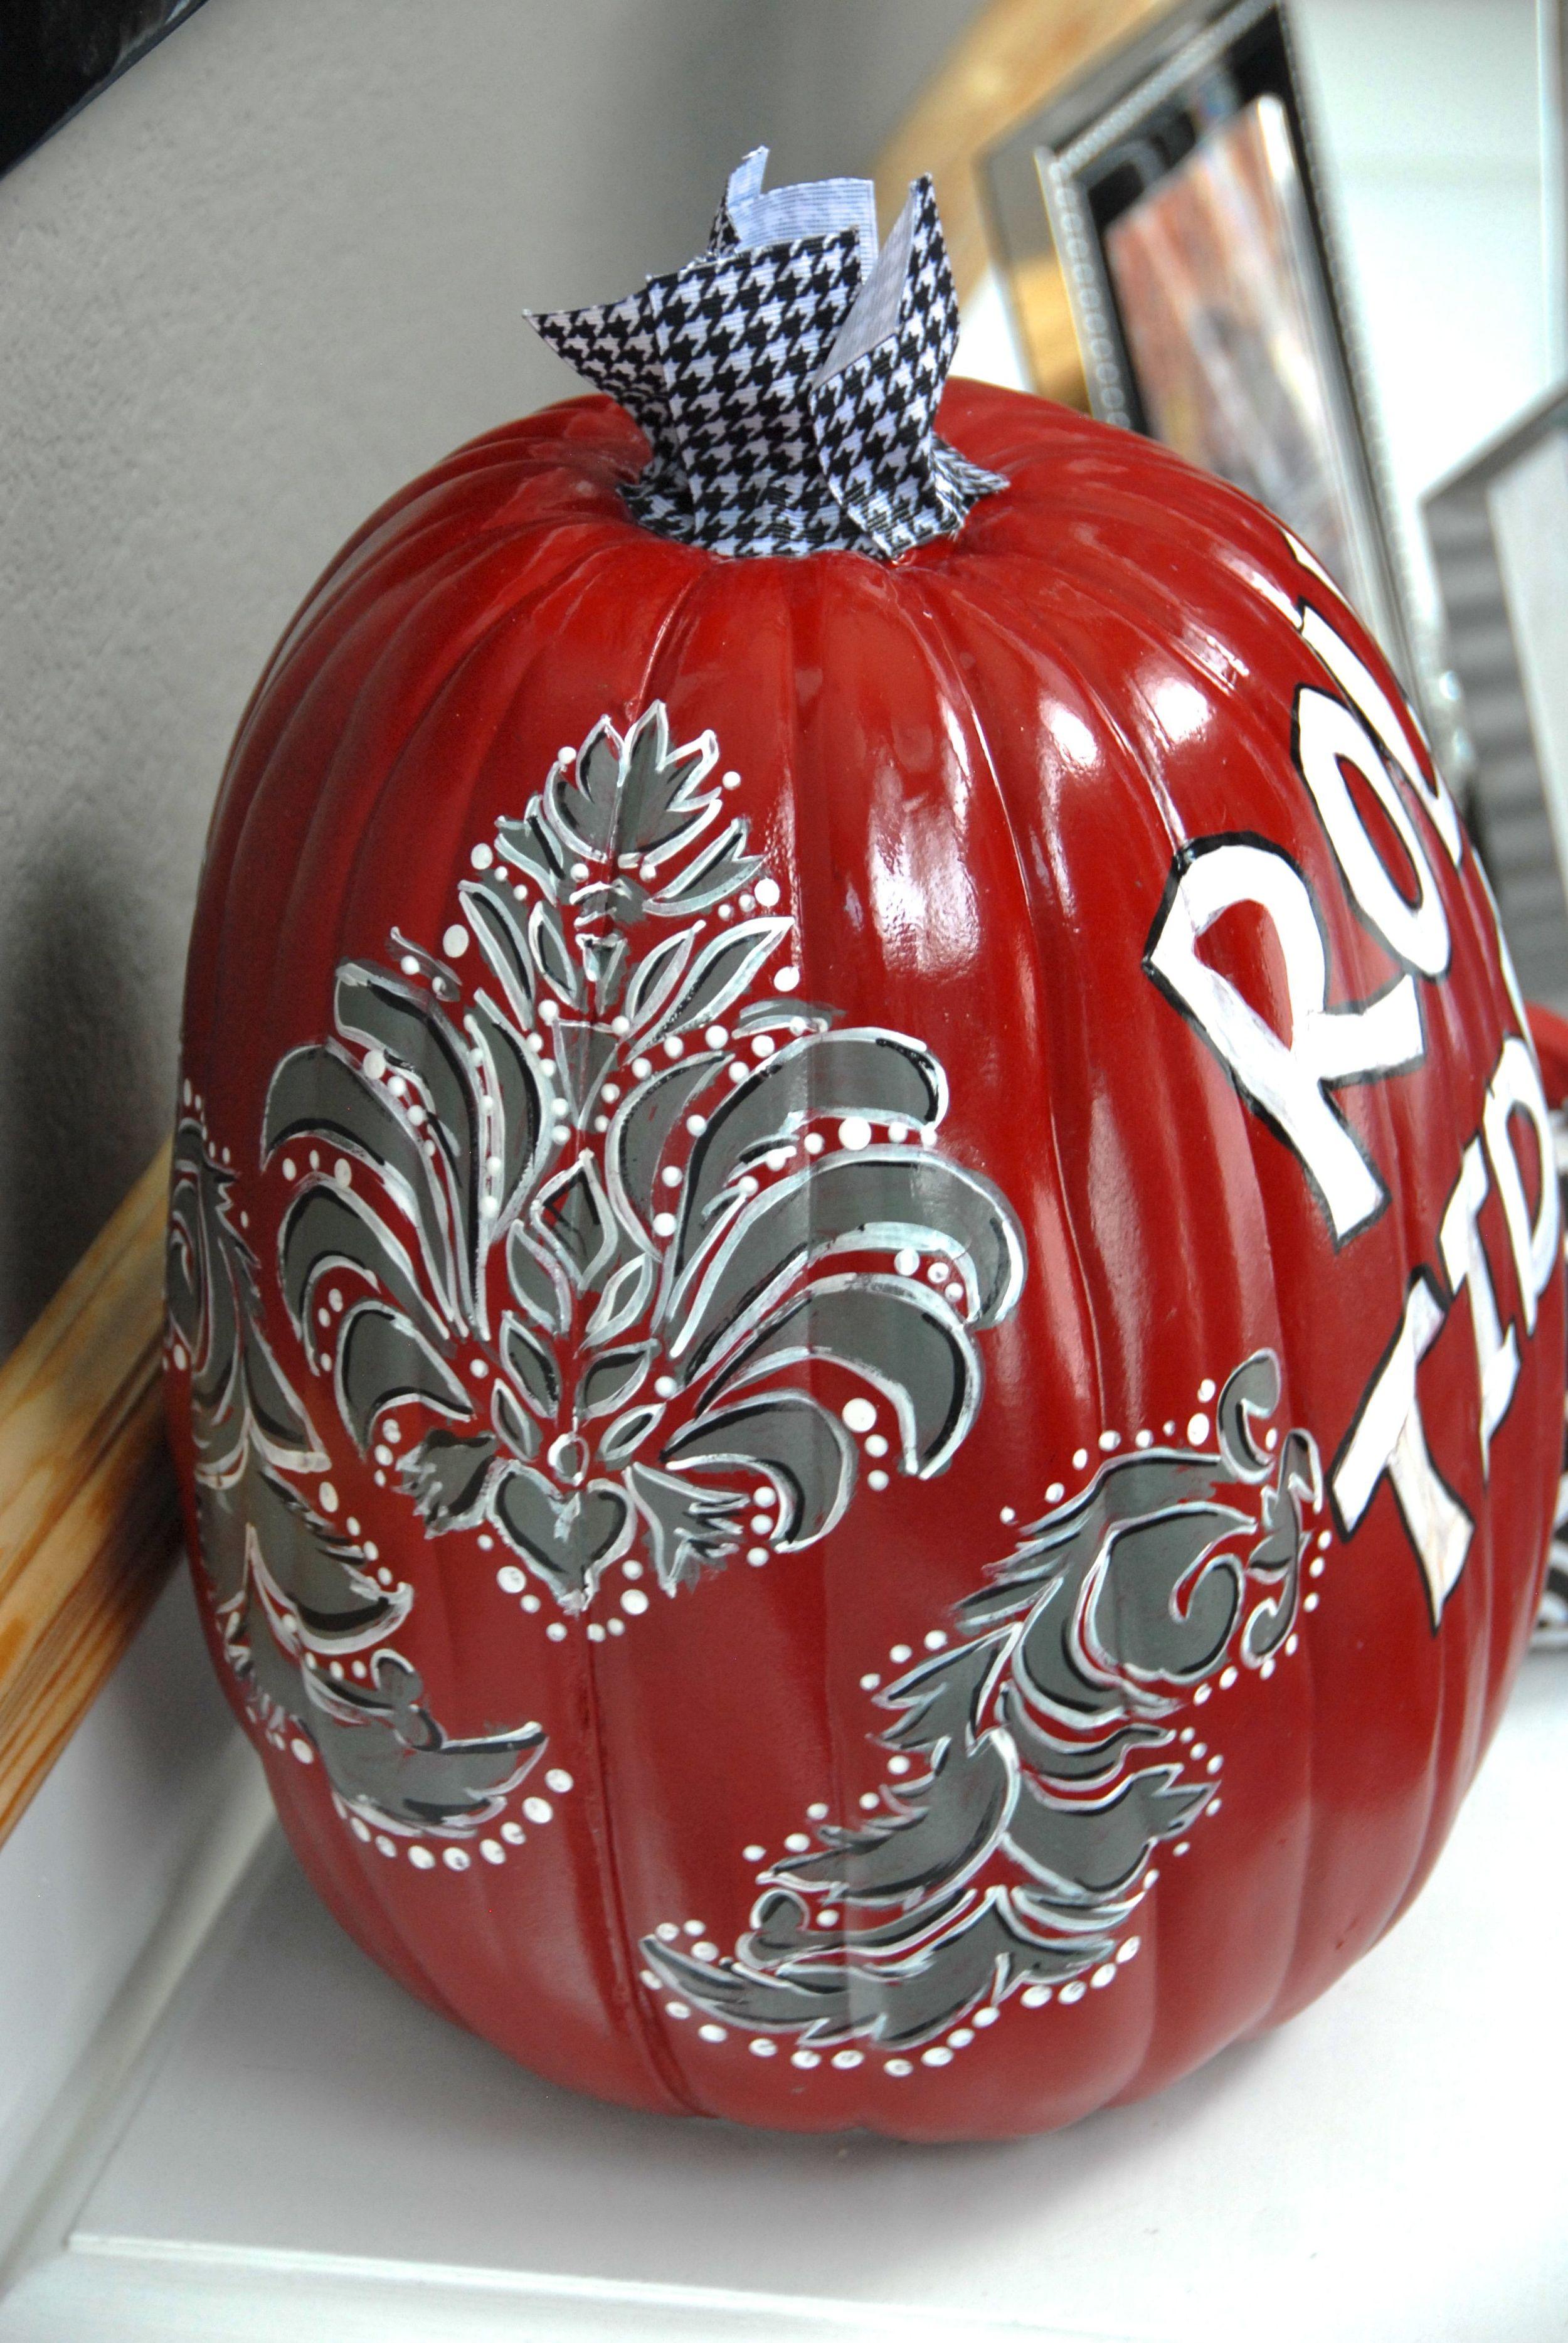 Roll Tide Pumpkin Side